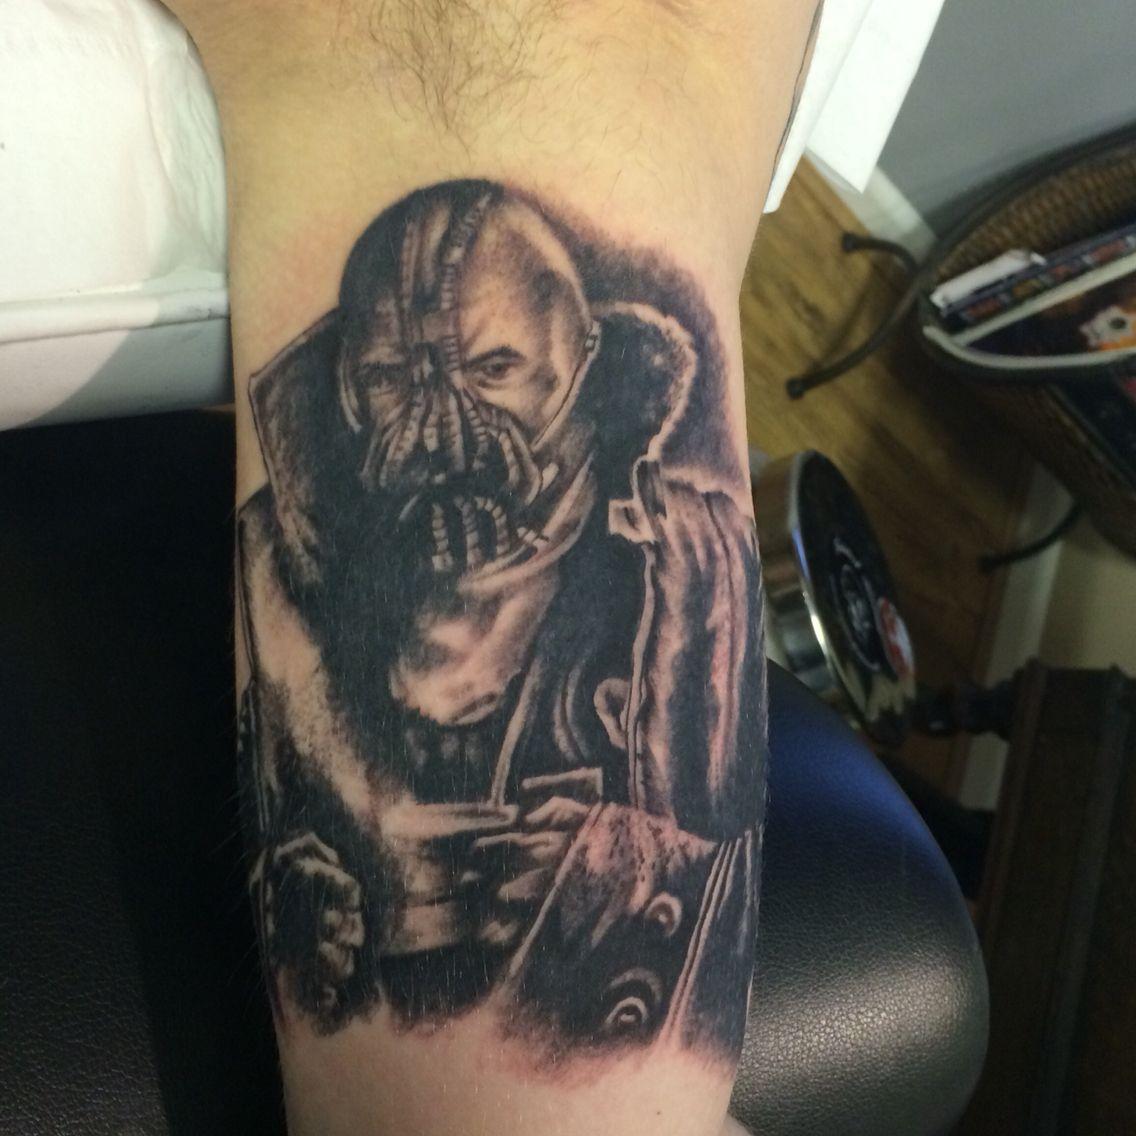 Bane tattoo by Travis Allen Www.twistedtattoo.co.uk | Grey